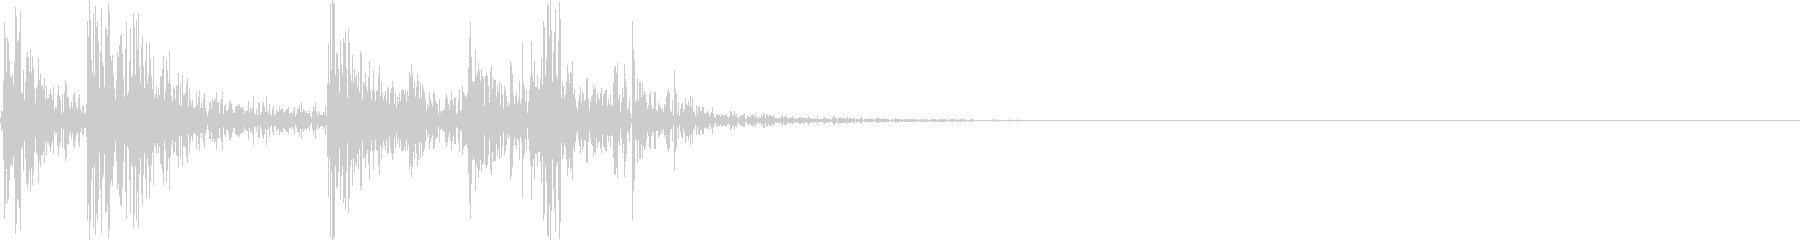 カチャ!(鍵をかける音)の未再生の波形